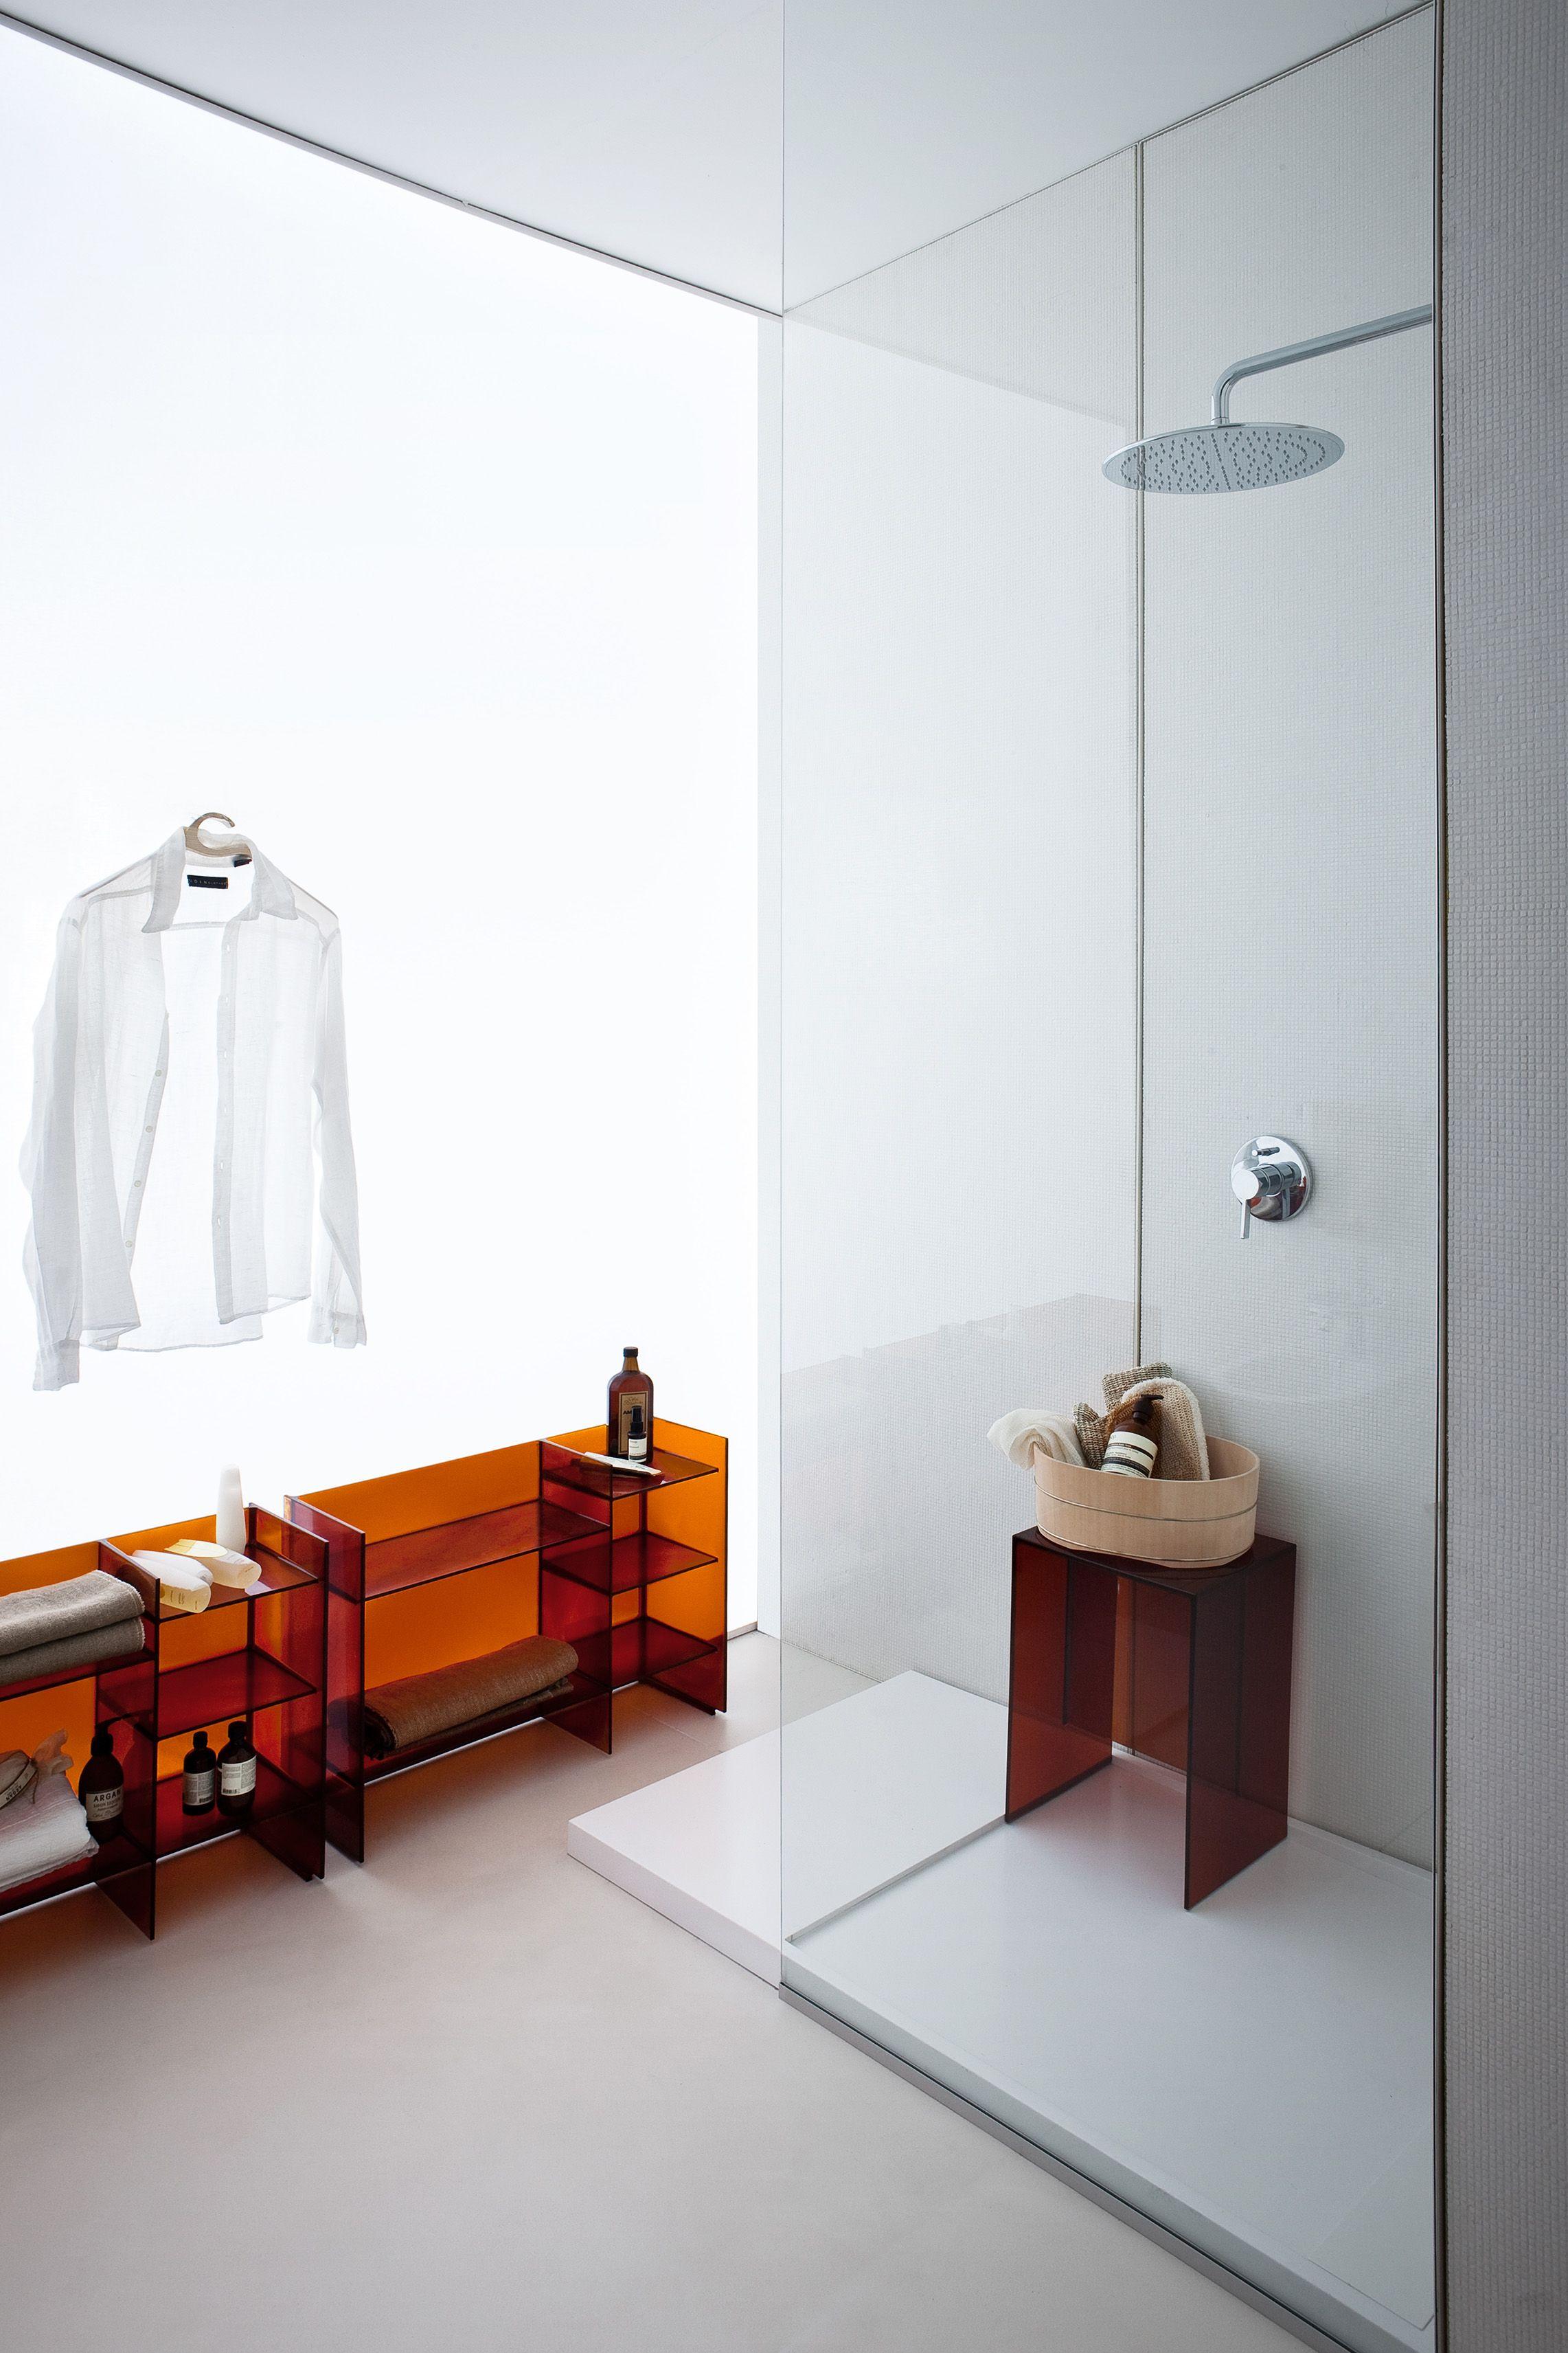 Beau Salle De Bain Kartell By Laufen, Douche Design, Et Mobilier Transparent,  Design Palomba